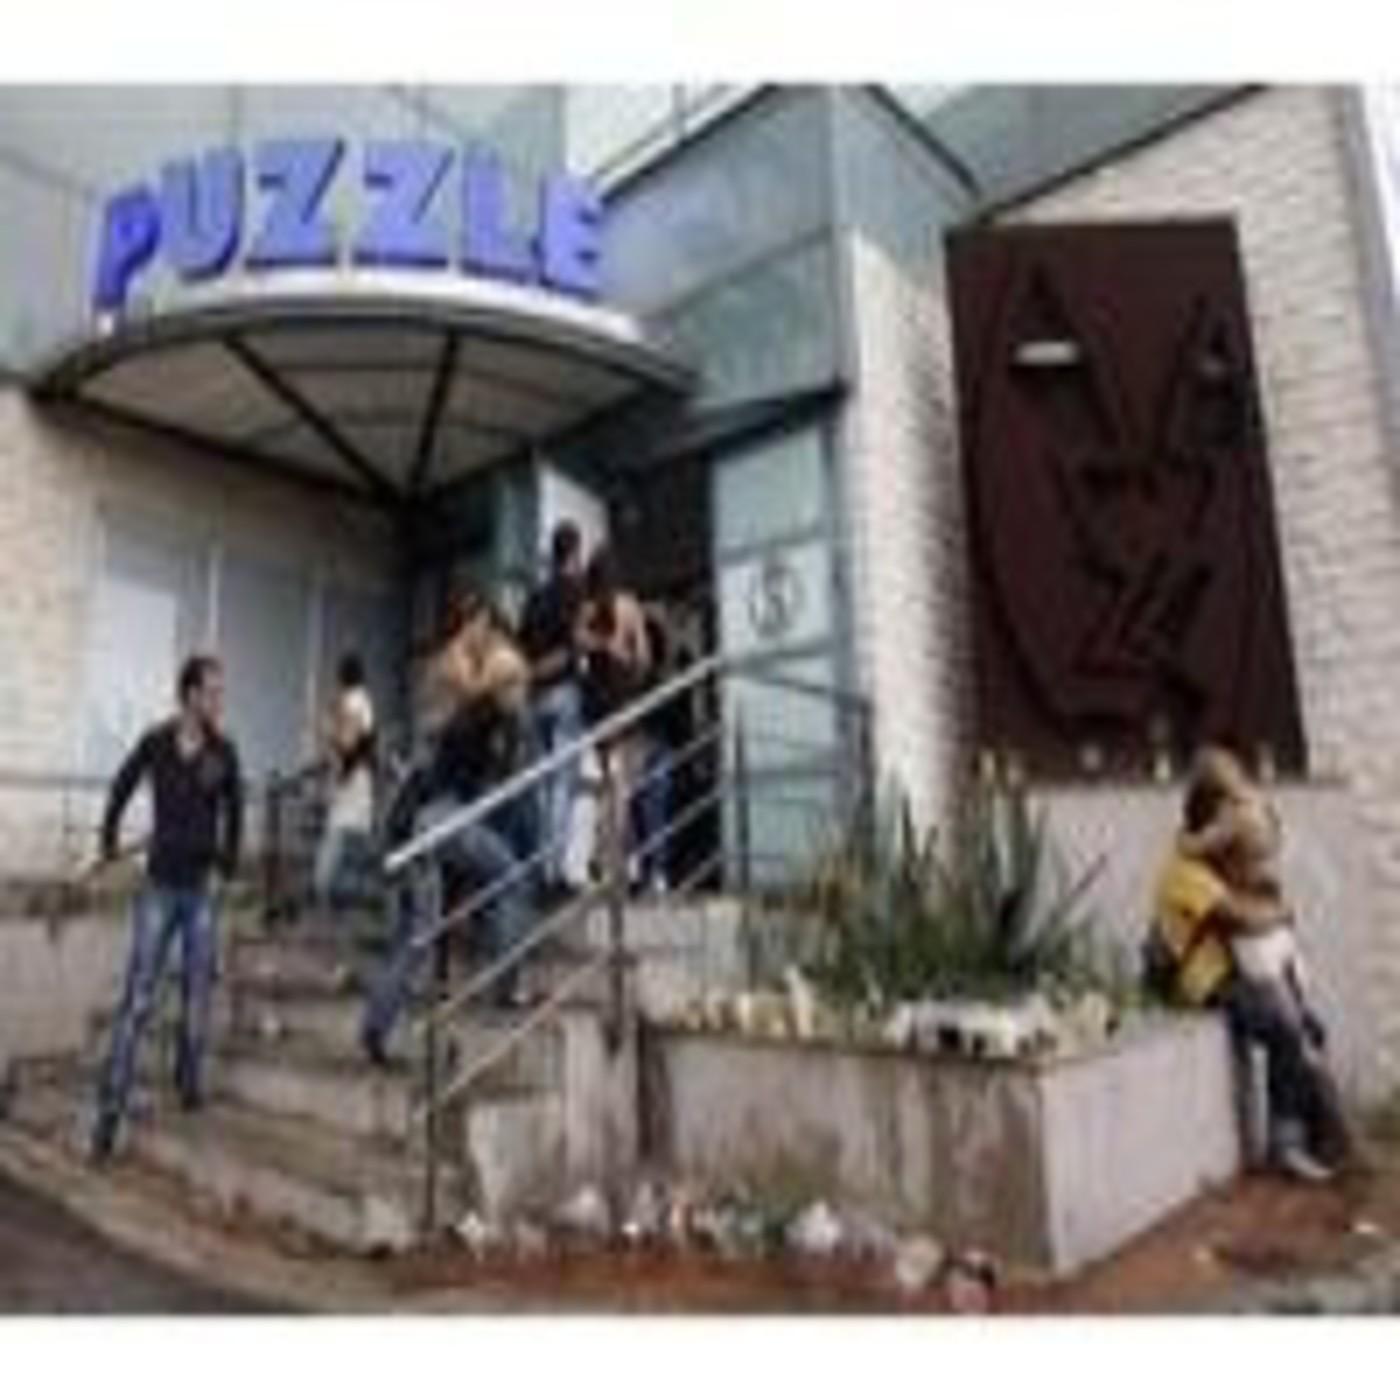 Puzzle Sunday 12 Noviembre 2005 En Puzzle En Mp30606 A Las 1243